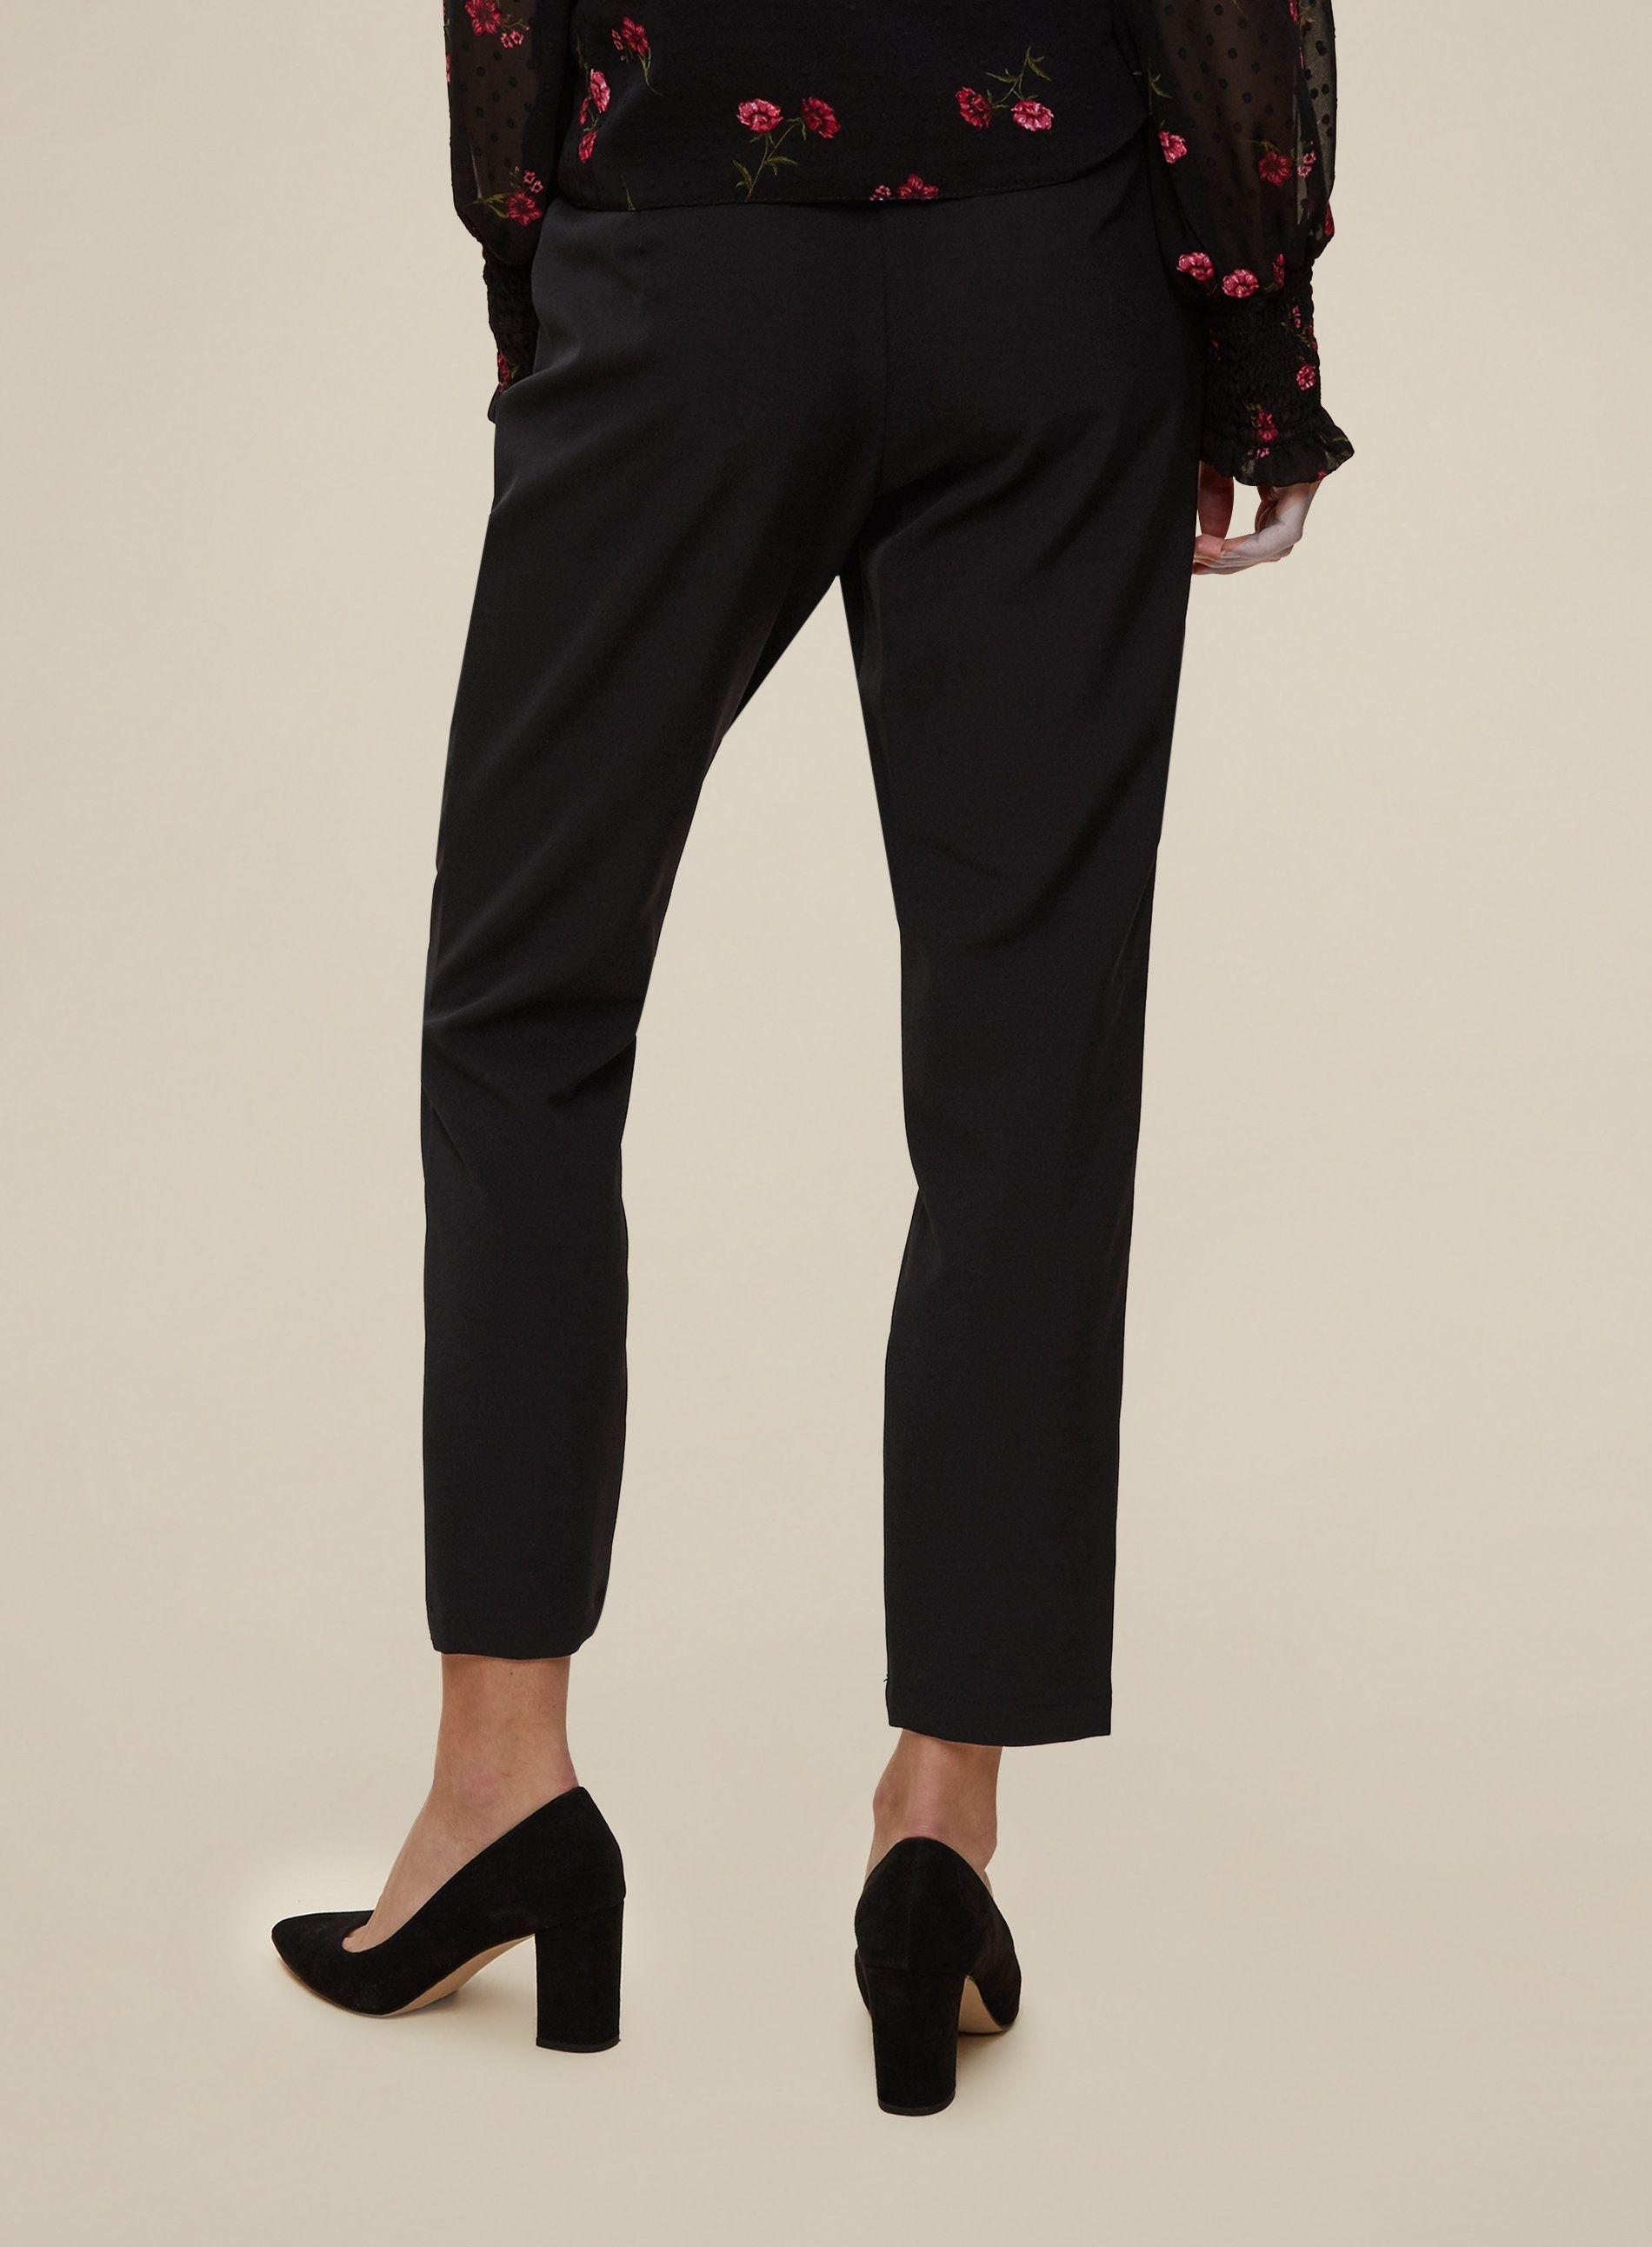 Dorothy Perkins Womens Black High Waist Trouser Bottoms Pants Regular Fit